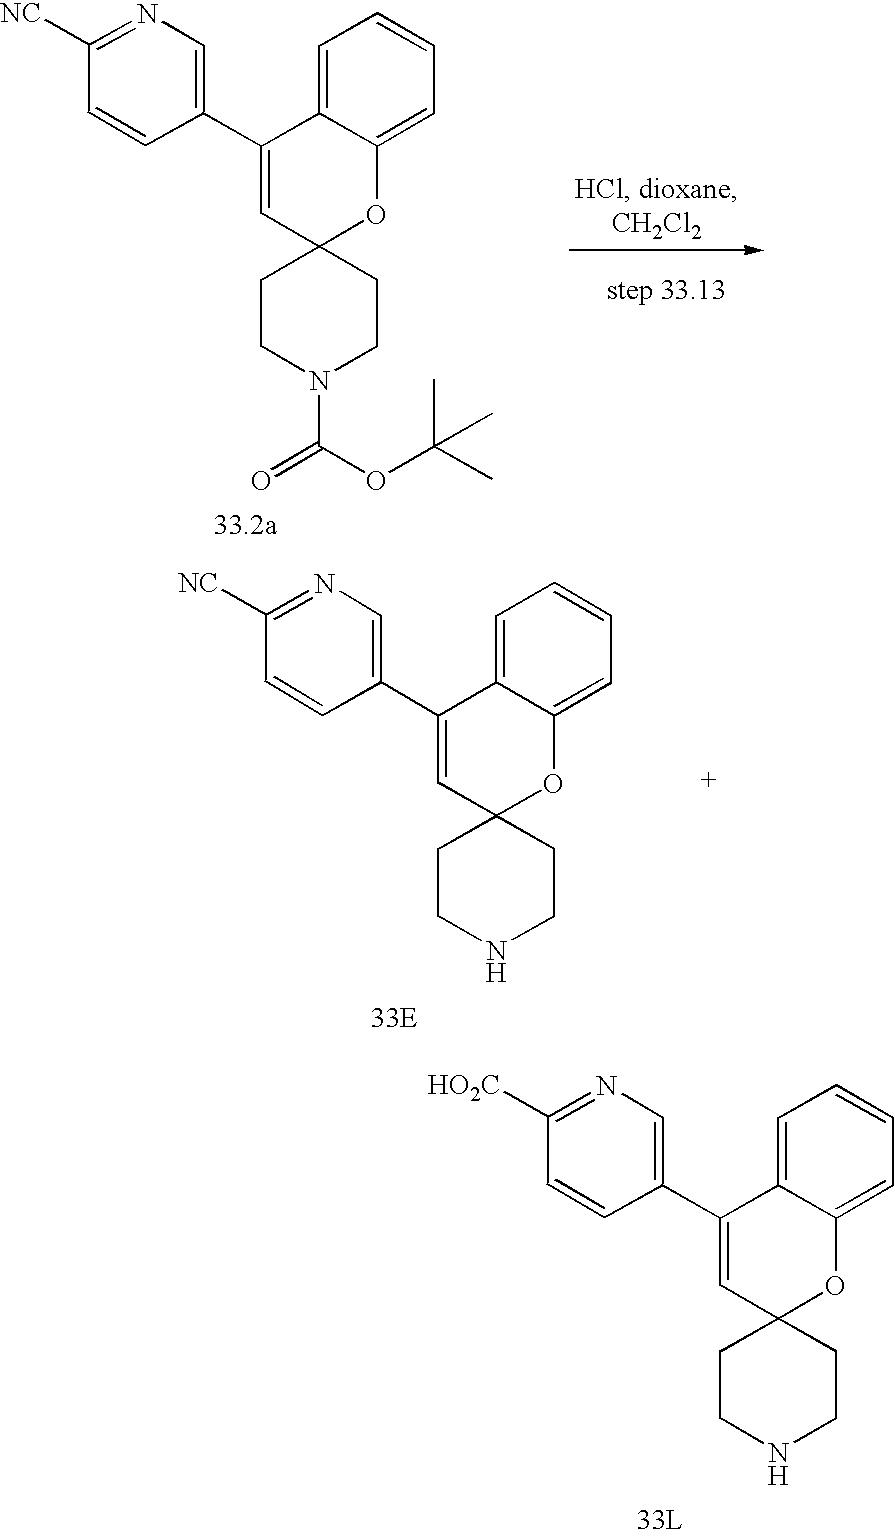 Figure US07598261-20091006-C00195